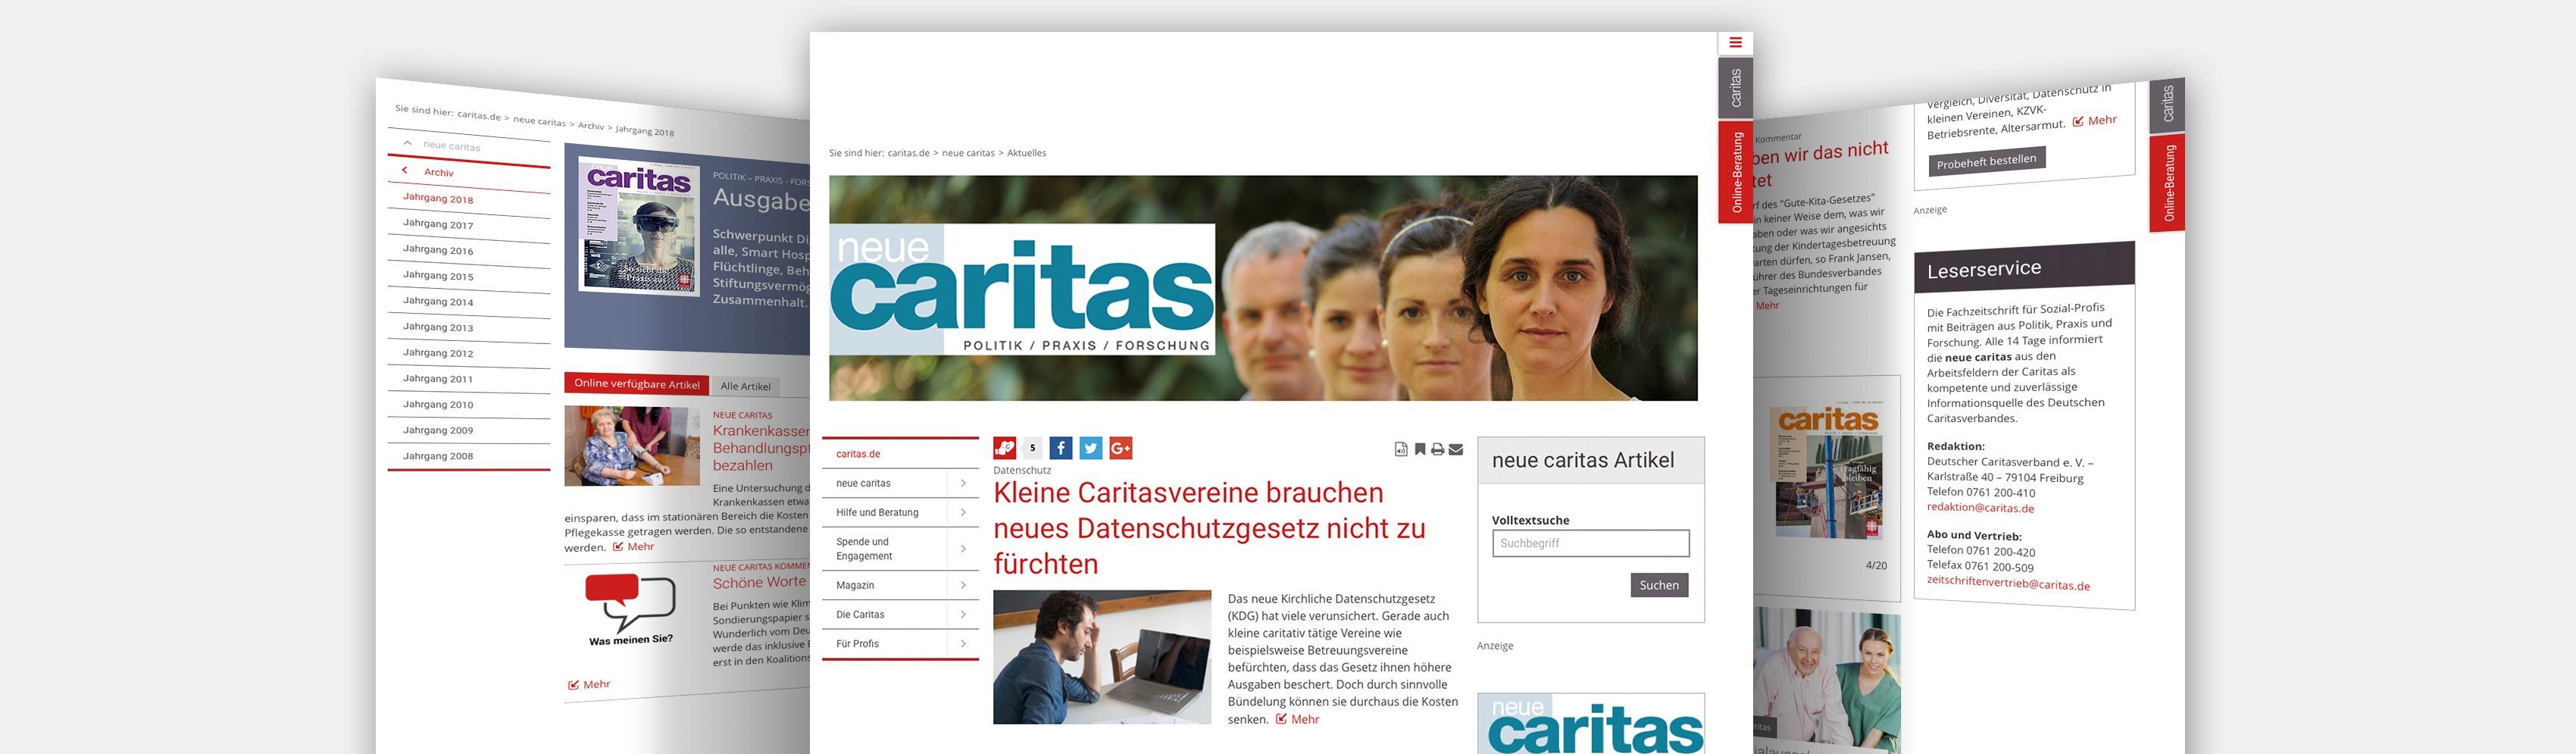 neue caritas Online